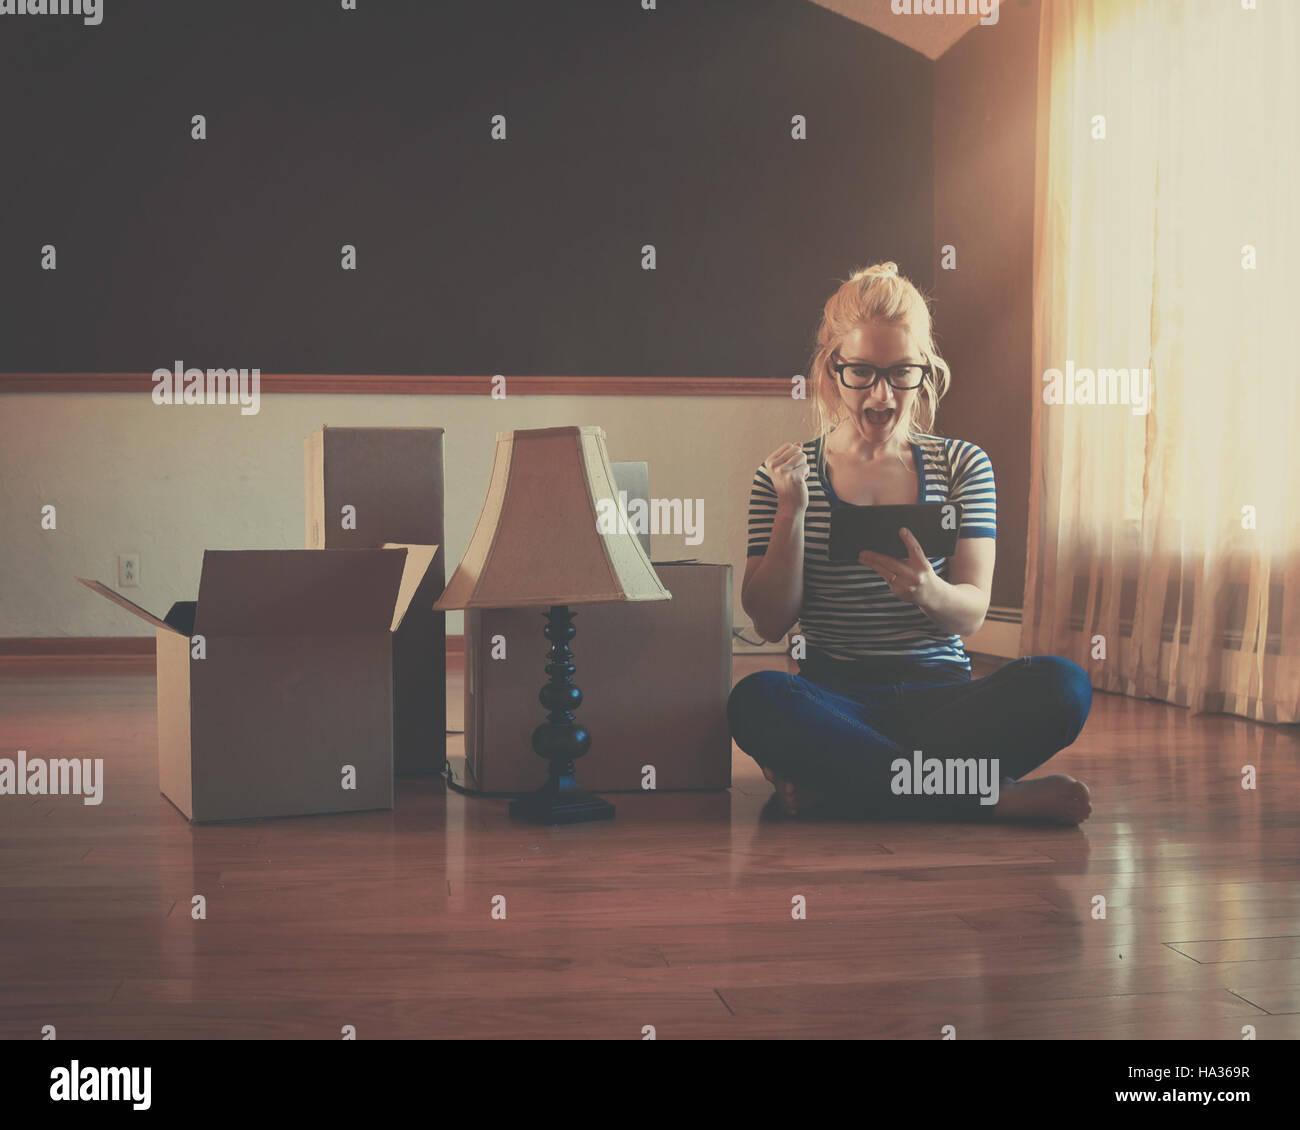 Une fille est assise dans une salle vide avec des cases. Elle est maintenant une technologie tablette pour un déménagement ou de design d'intérieur concept. Banque D'Images